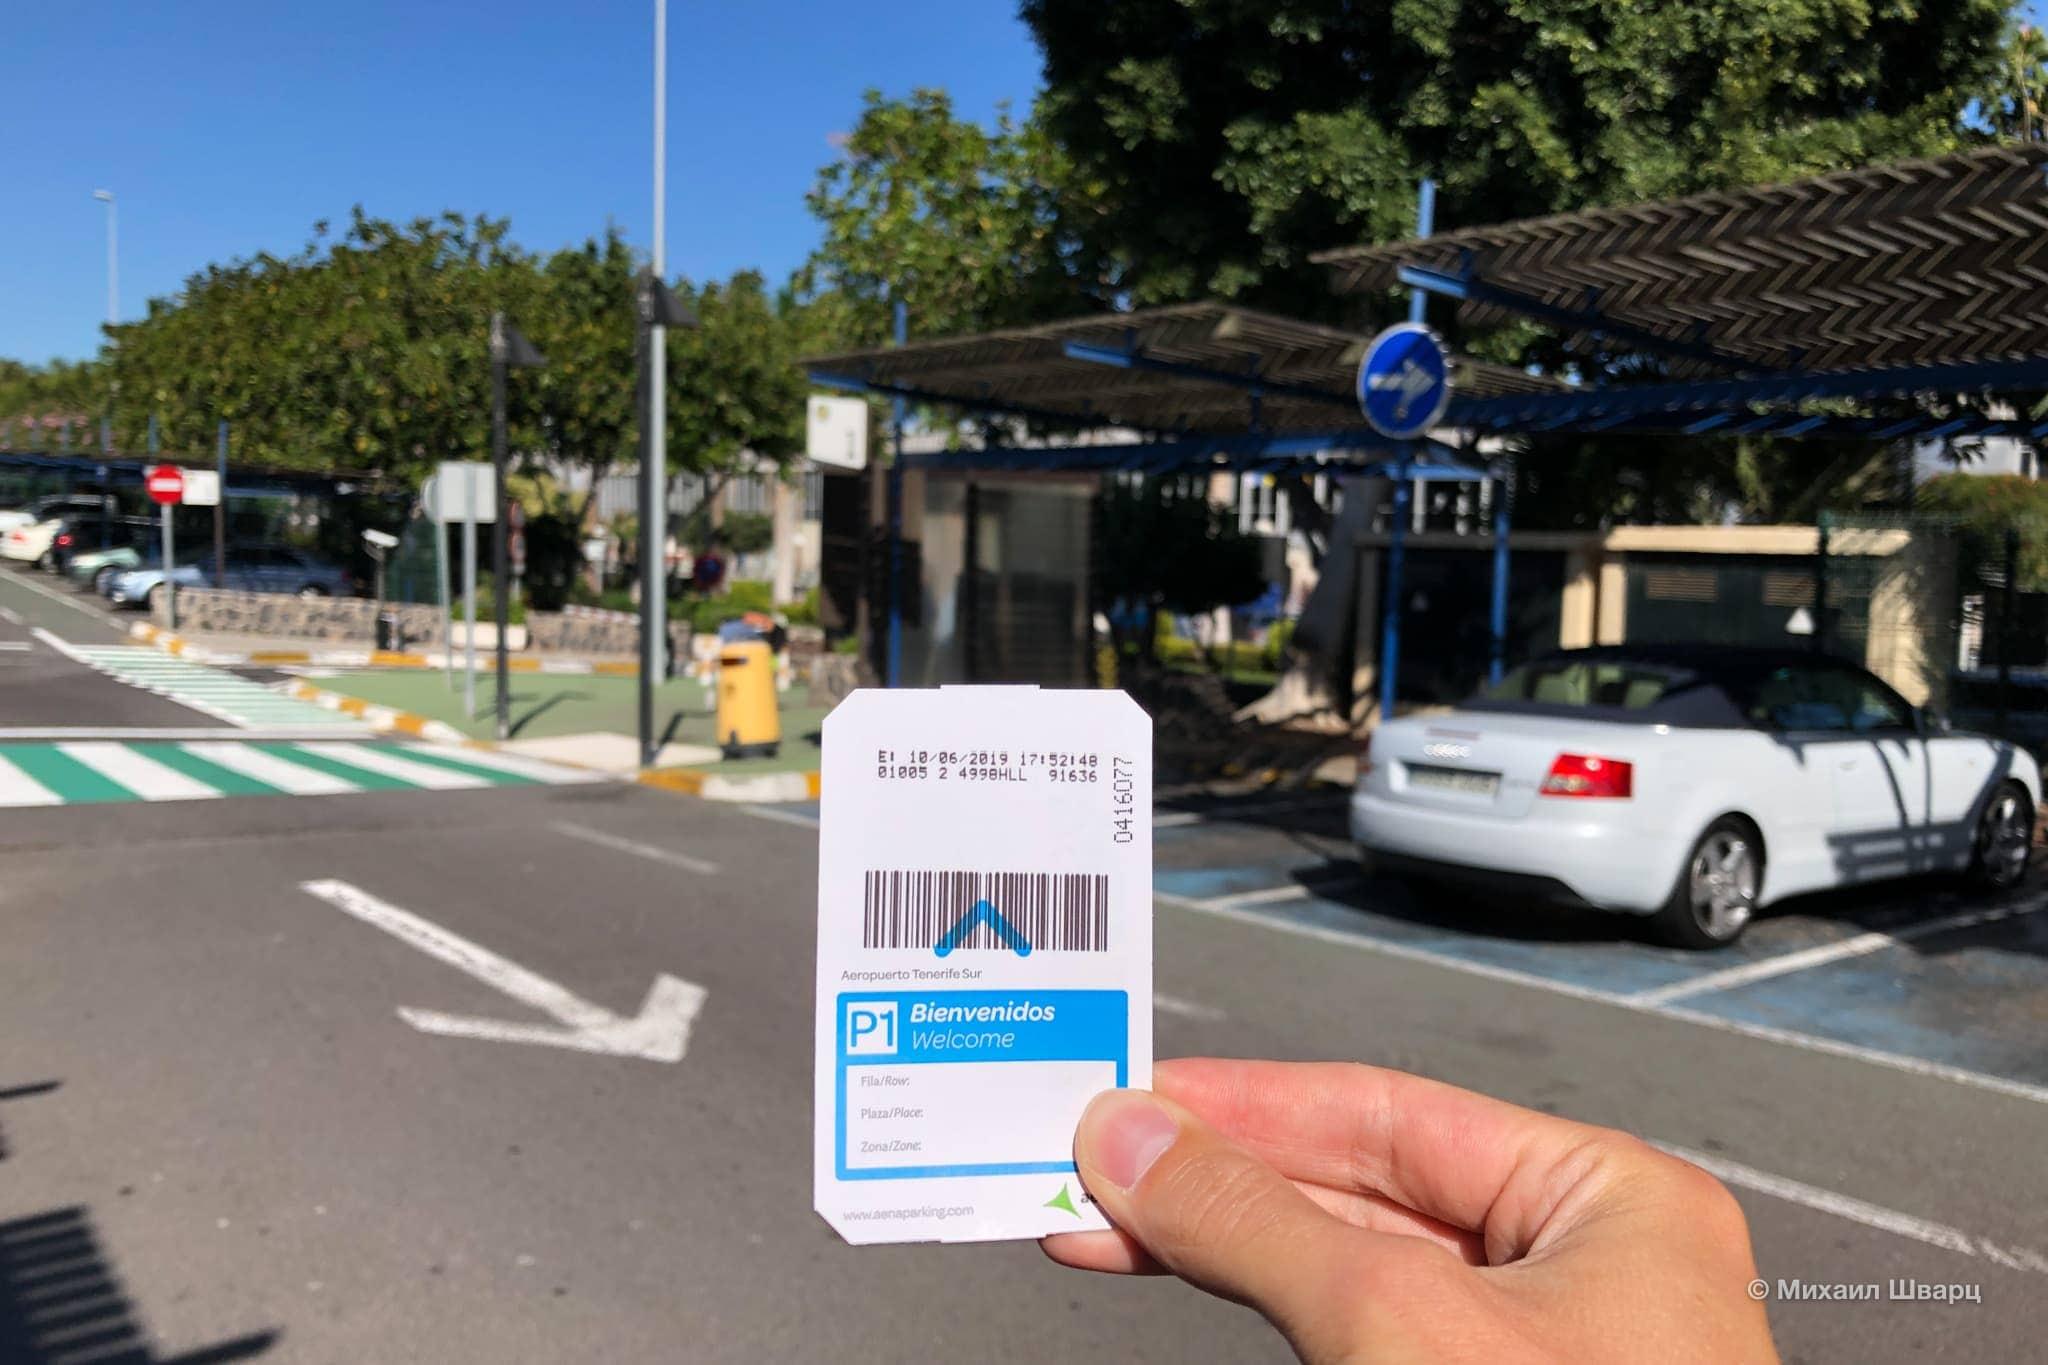 Как сэкономить на парковке в аэропорту на Тенерифе